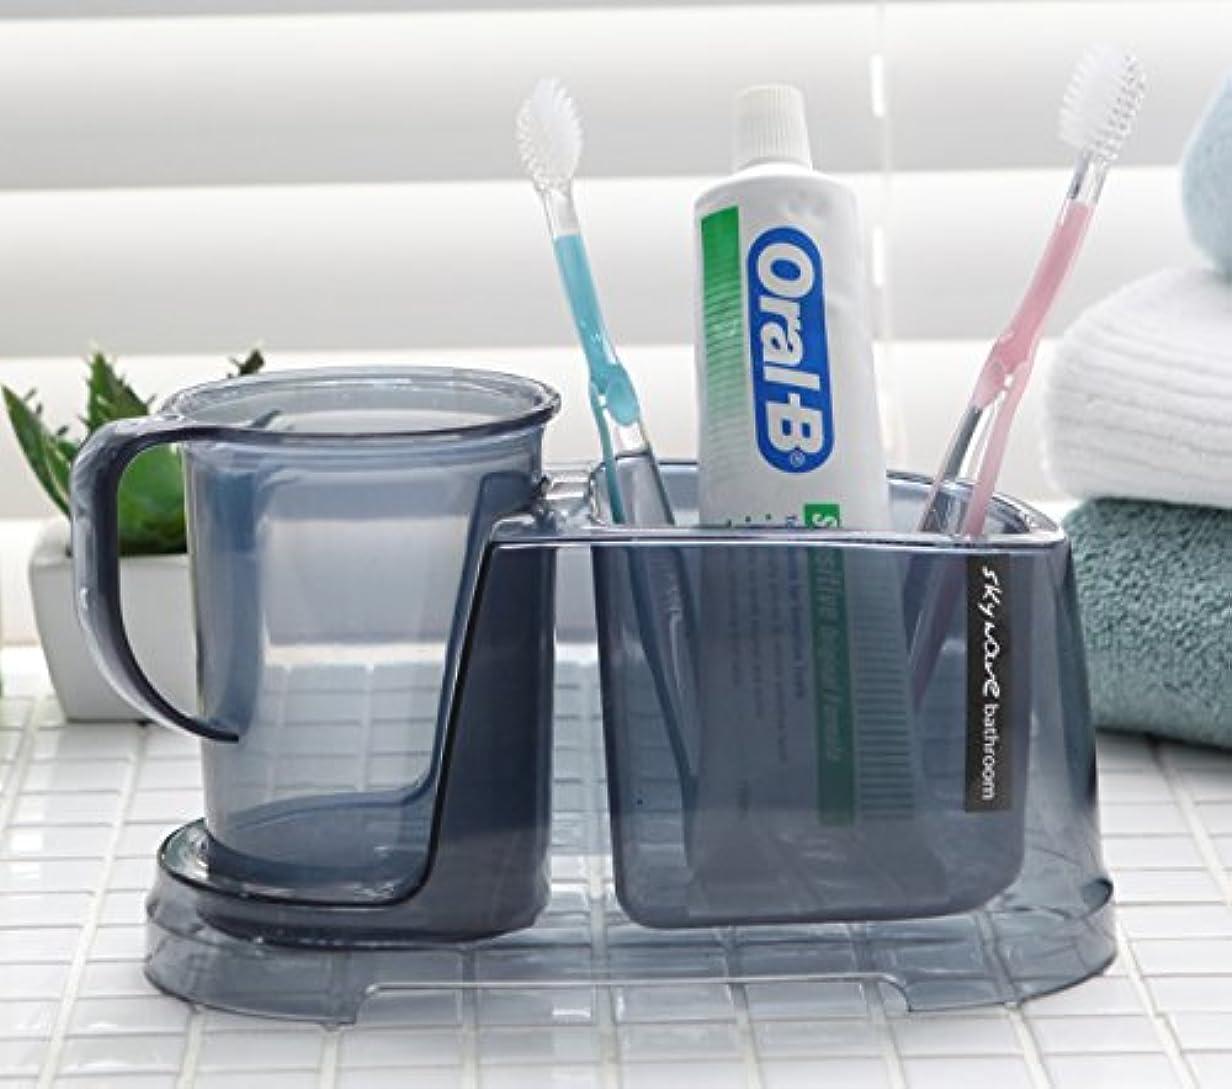 閉じる感度遠征Tenby Living歯ブラシホルダー+ Rinse Cup、クリアライトブルー